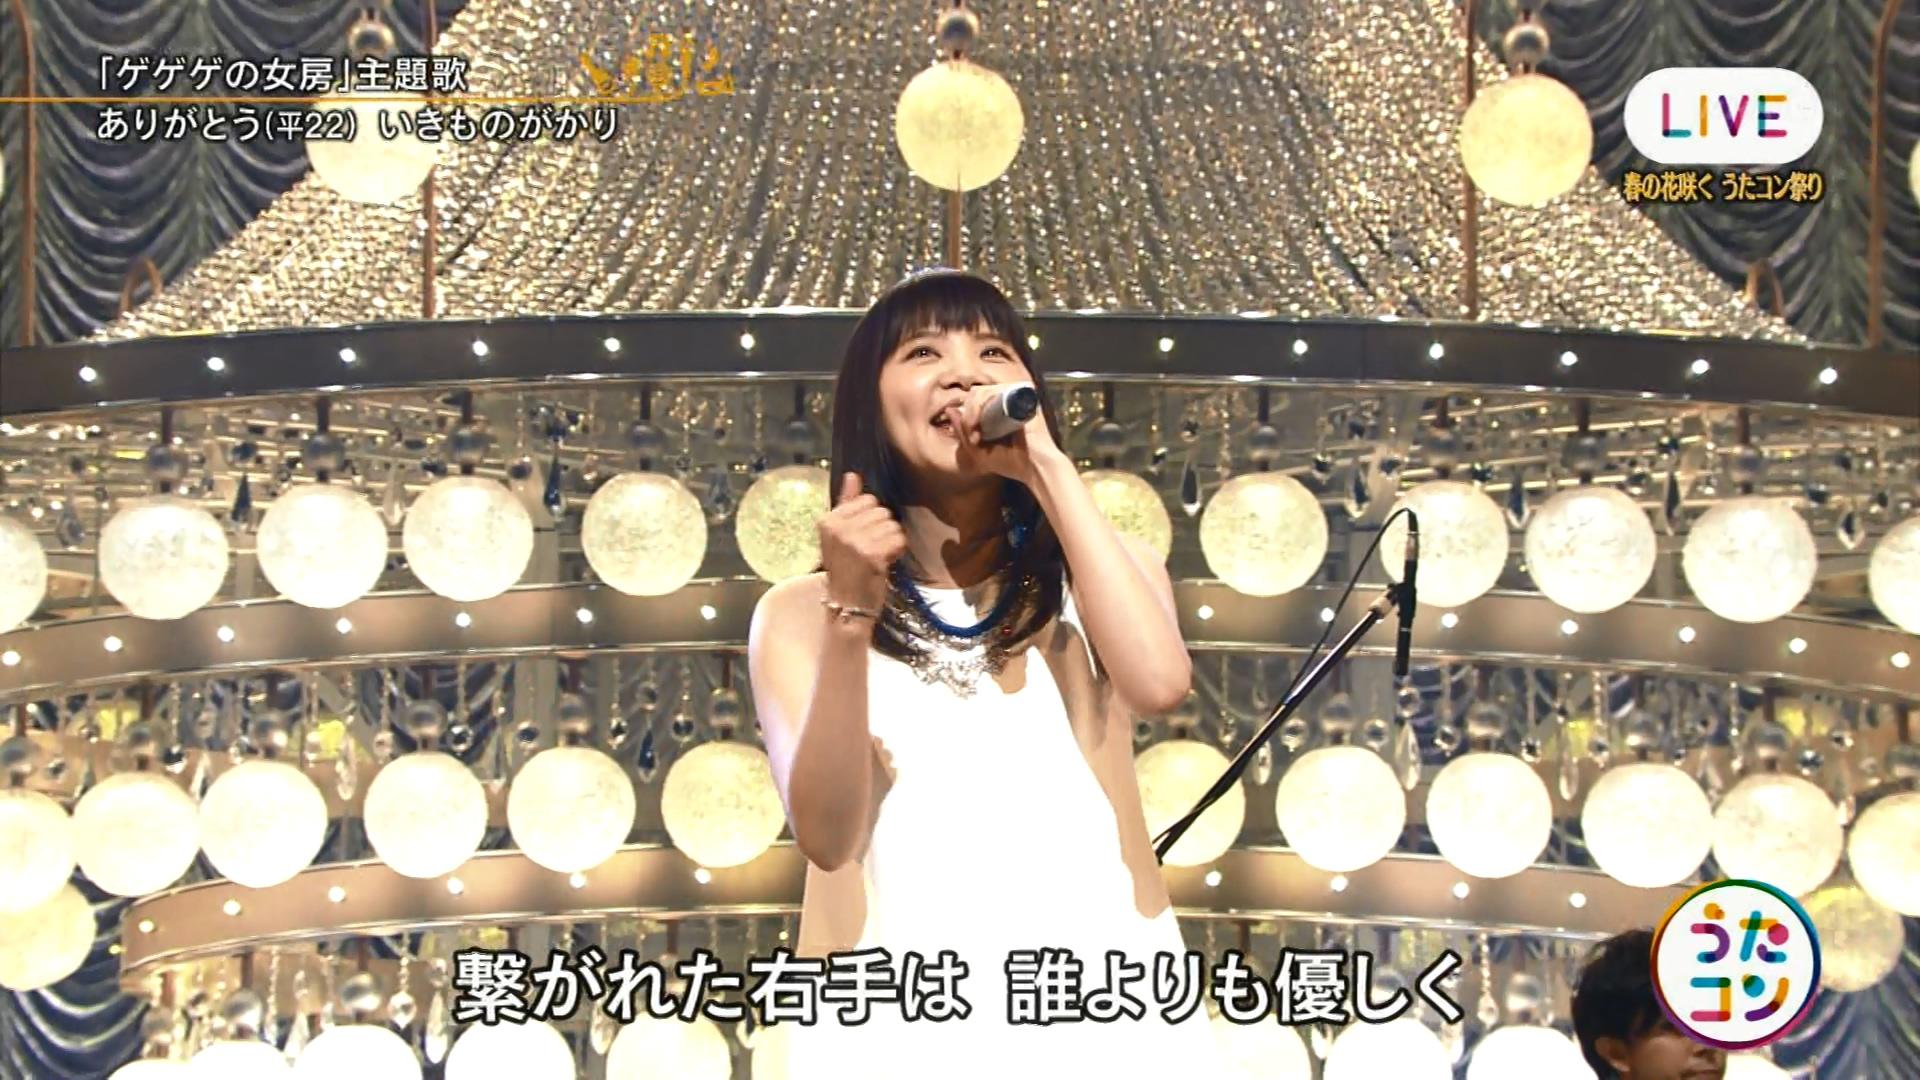 2016.04.12 全場(うたコン).ts_20160412_205506.899